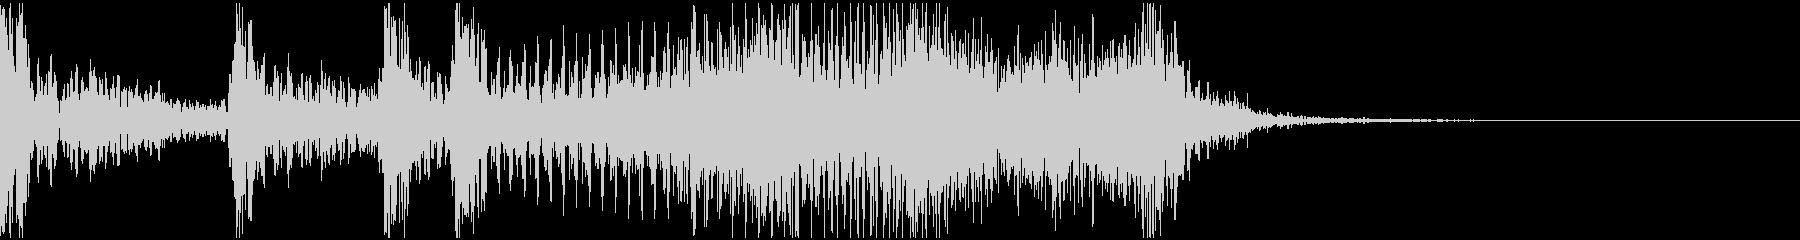 サウンドロゴ 2秒 企業 機械 科学 の未再生の波形